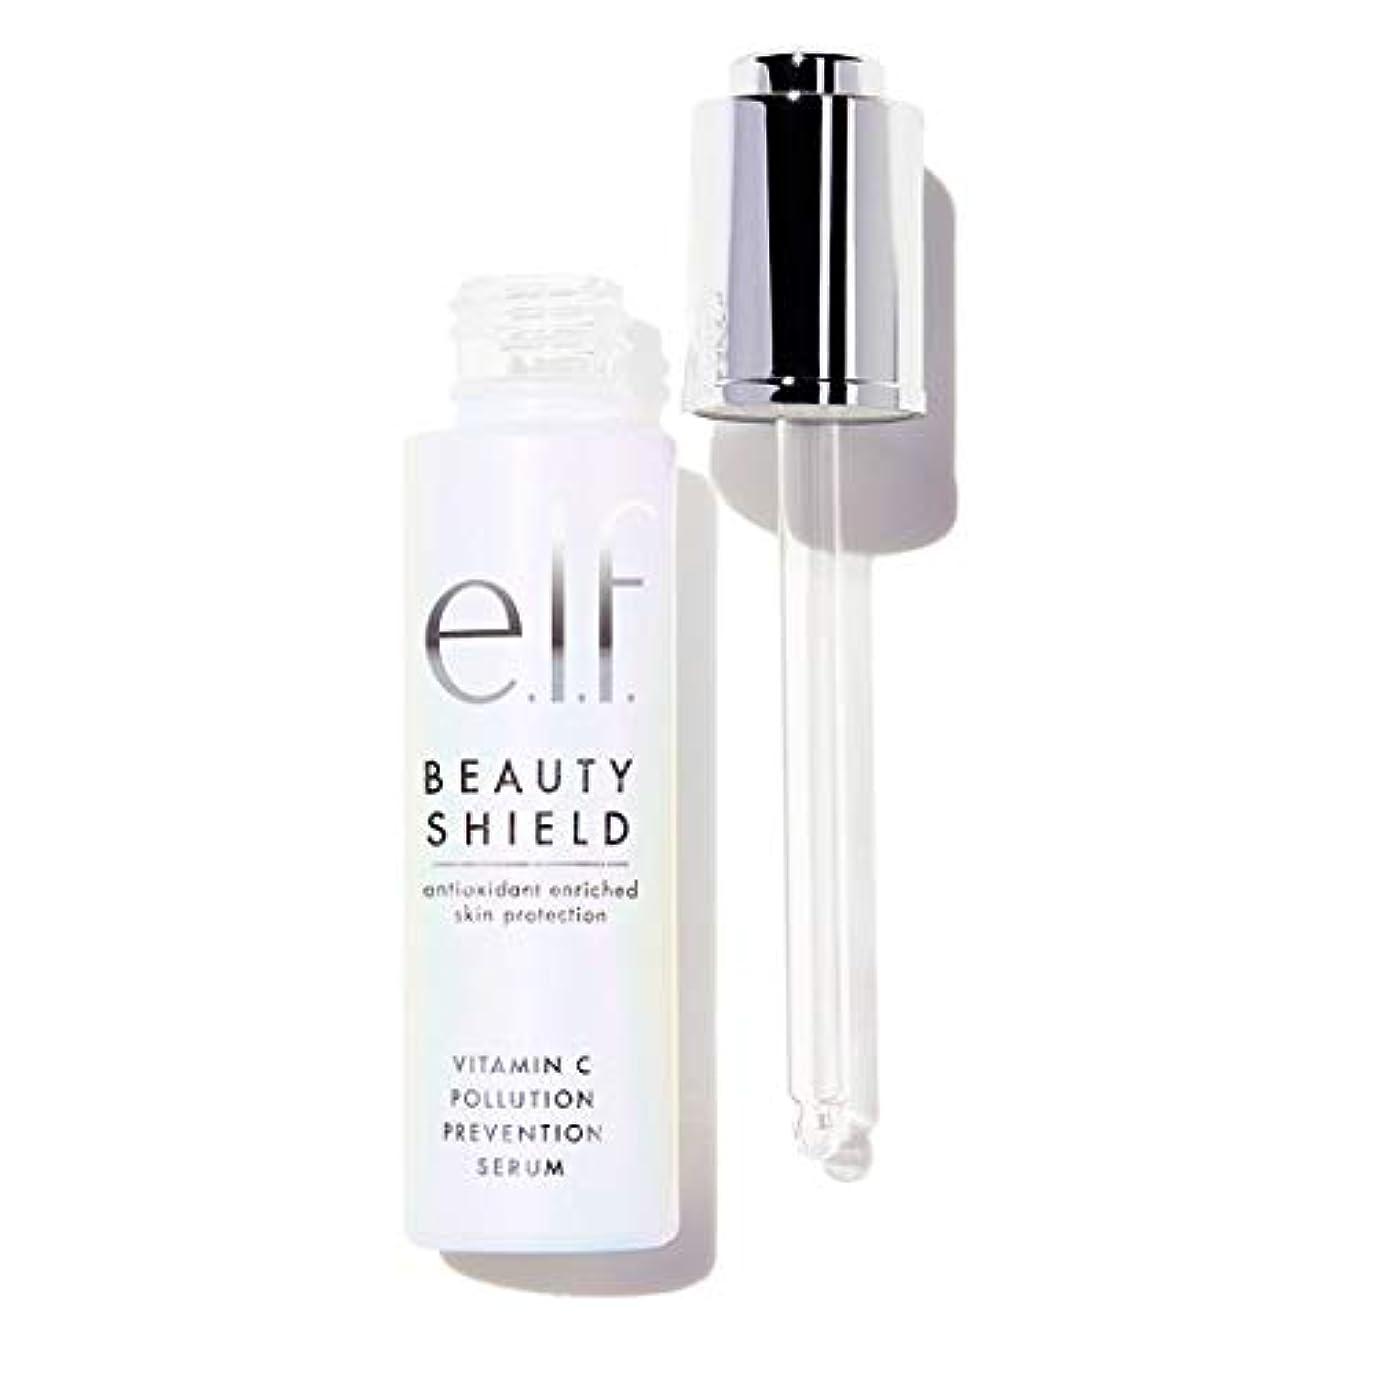 二家庭教師崩壊e.l.f. Beauty Shield Vitamin C Pollution Prevention Serum (並行輸入品)